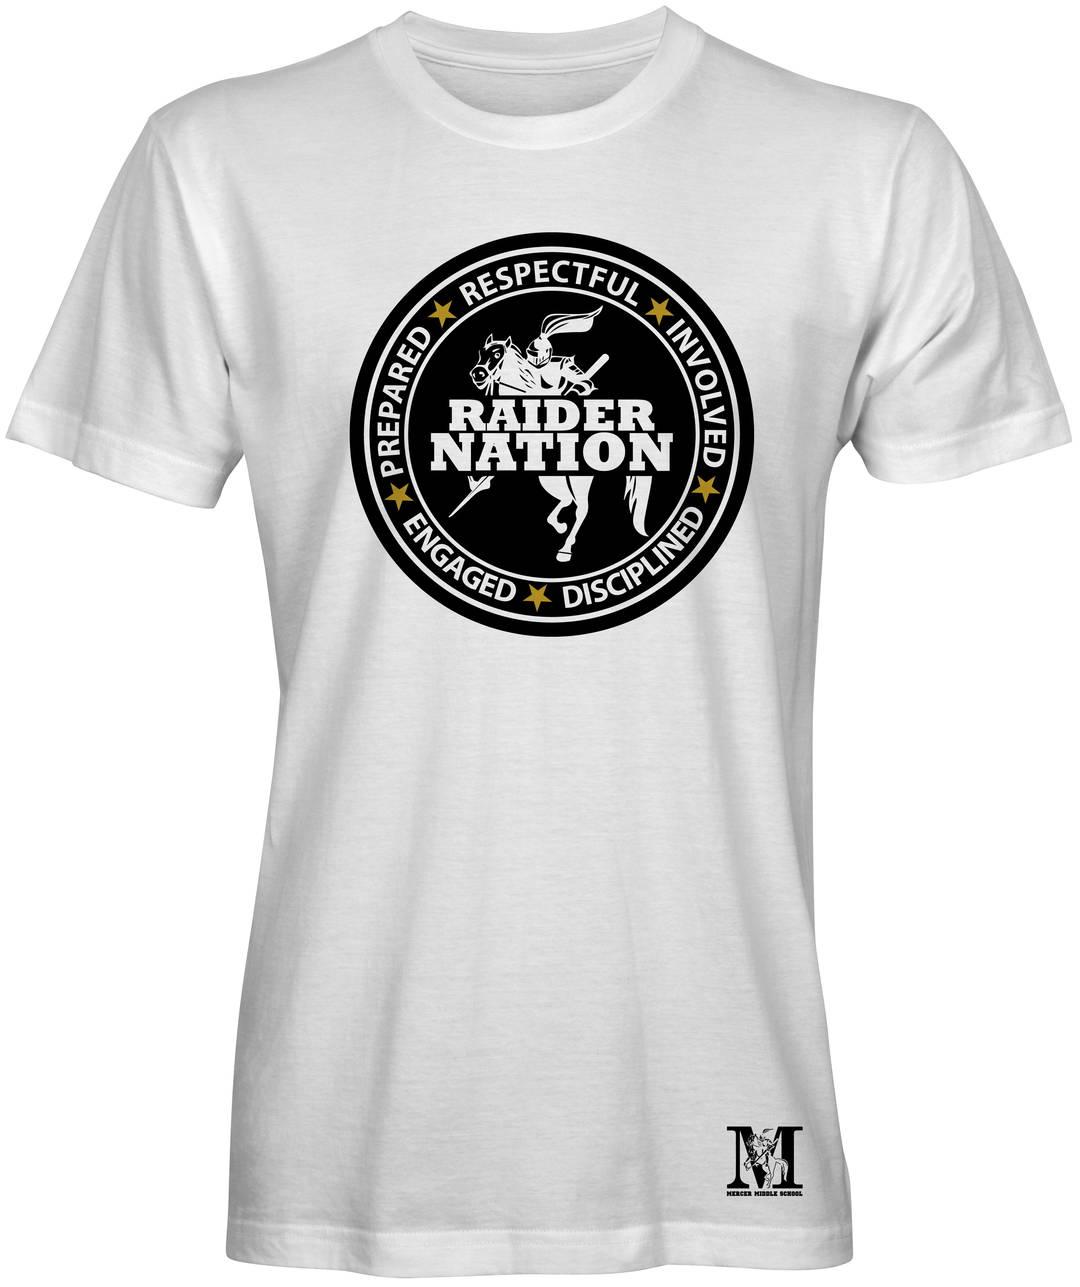 White Mercer T-shirt